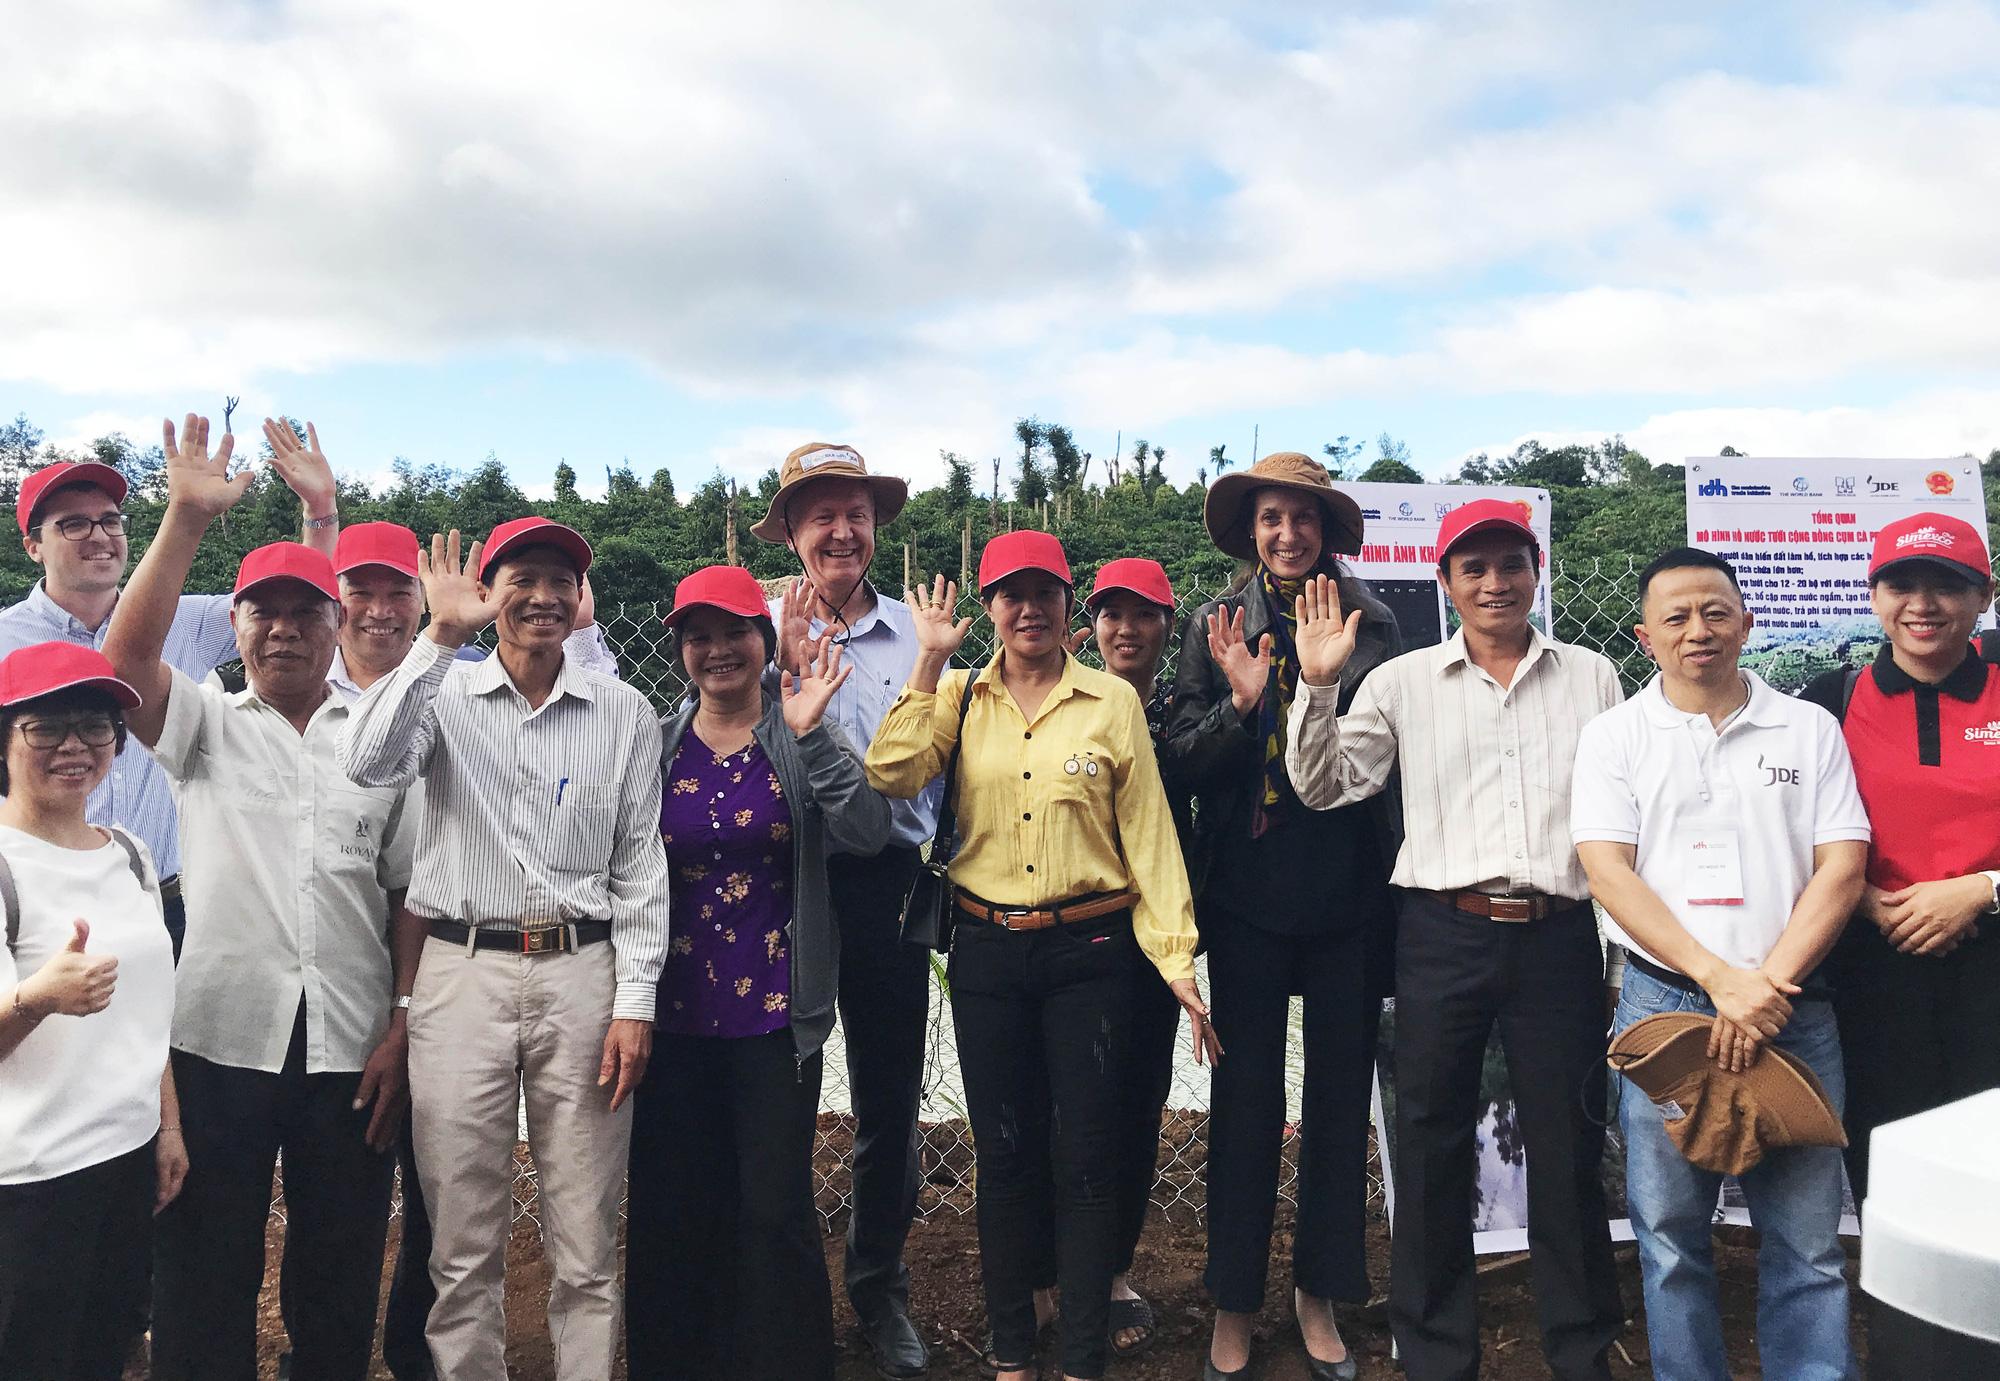 Đại sứ đặc mệnh toàn quyền Thụy Sĩ tại Việt Nam thăm nông dân Đắk Lắk - Ảnh 3.